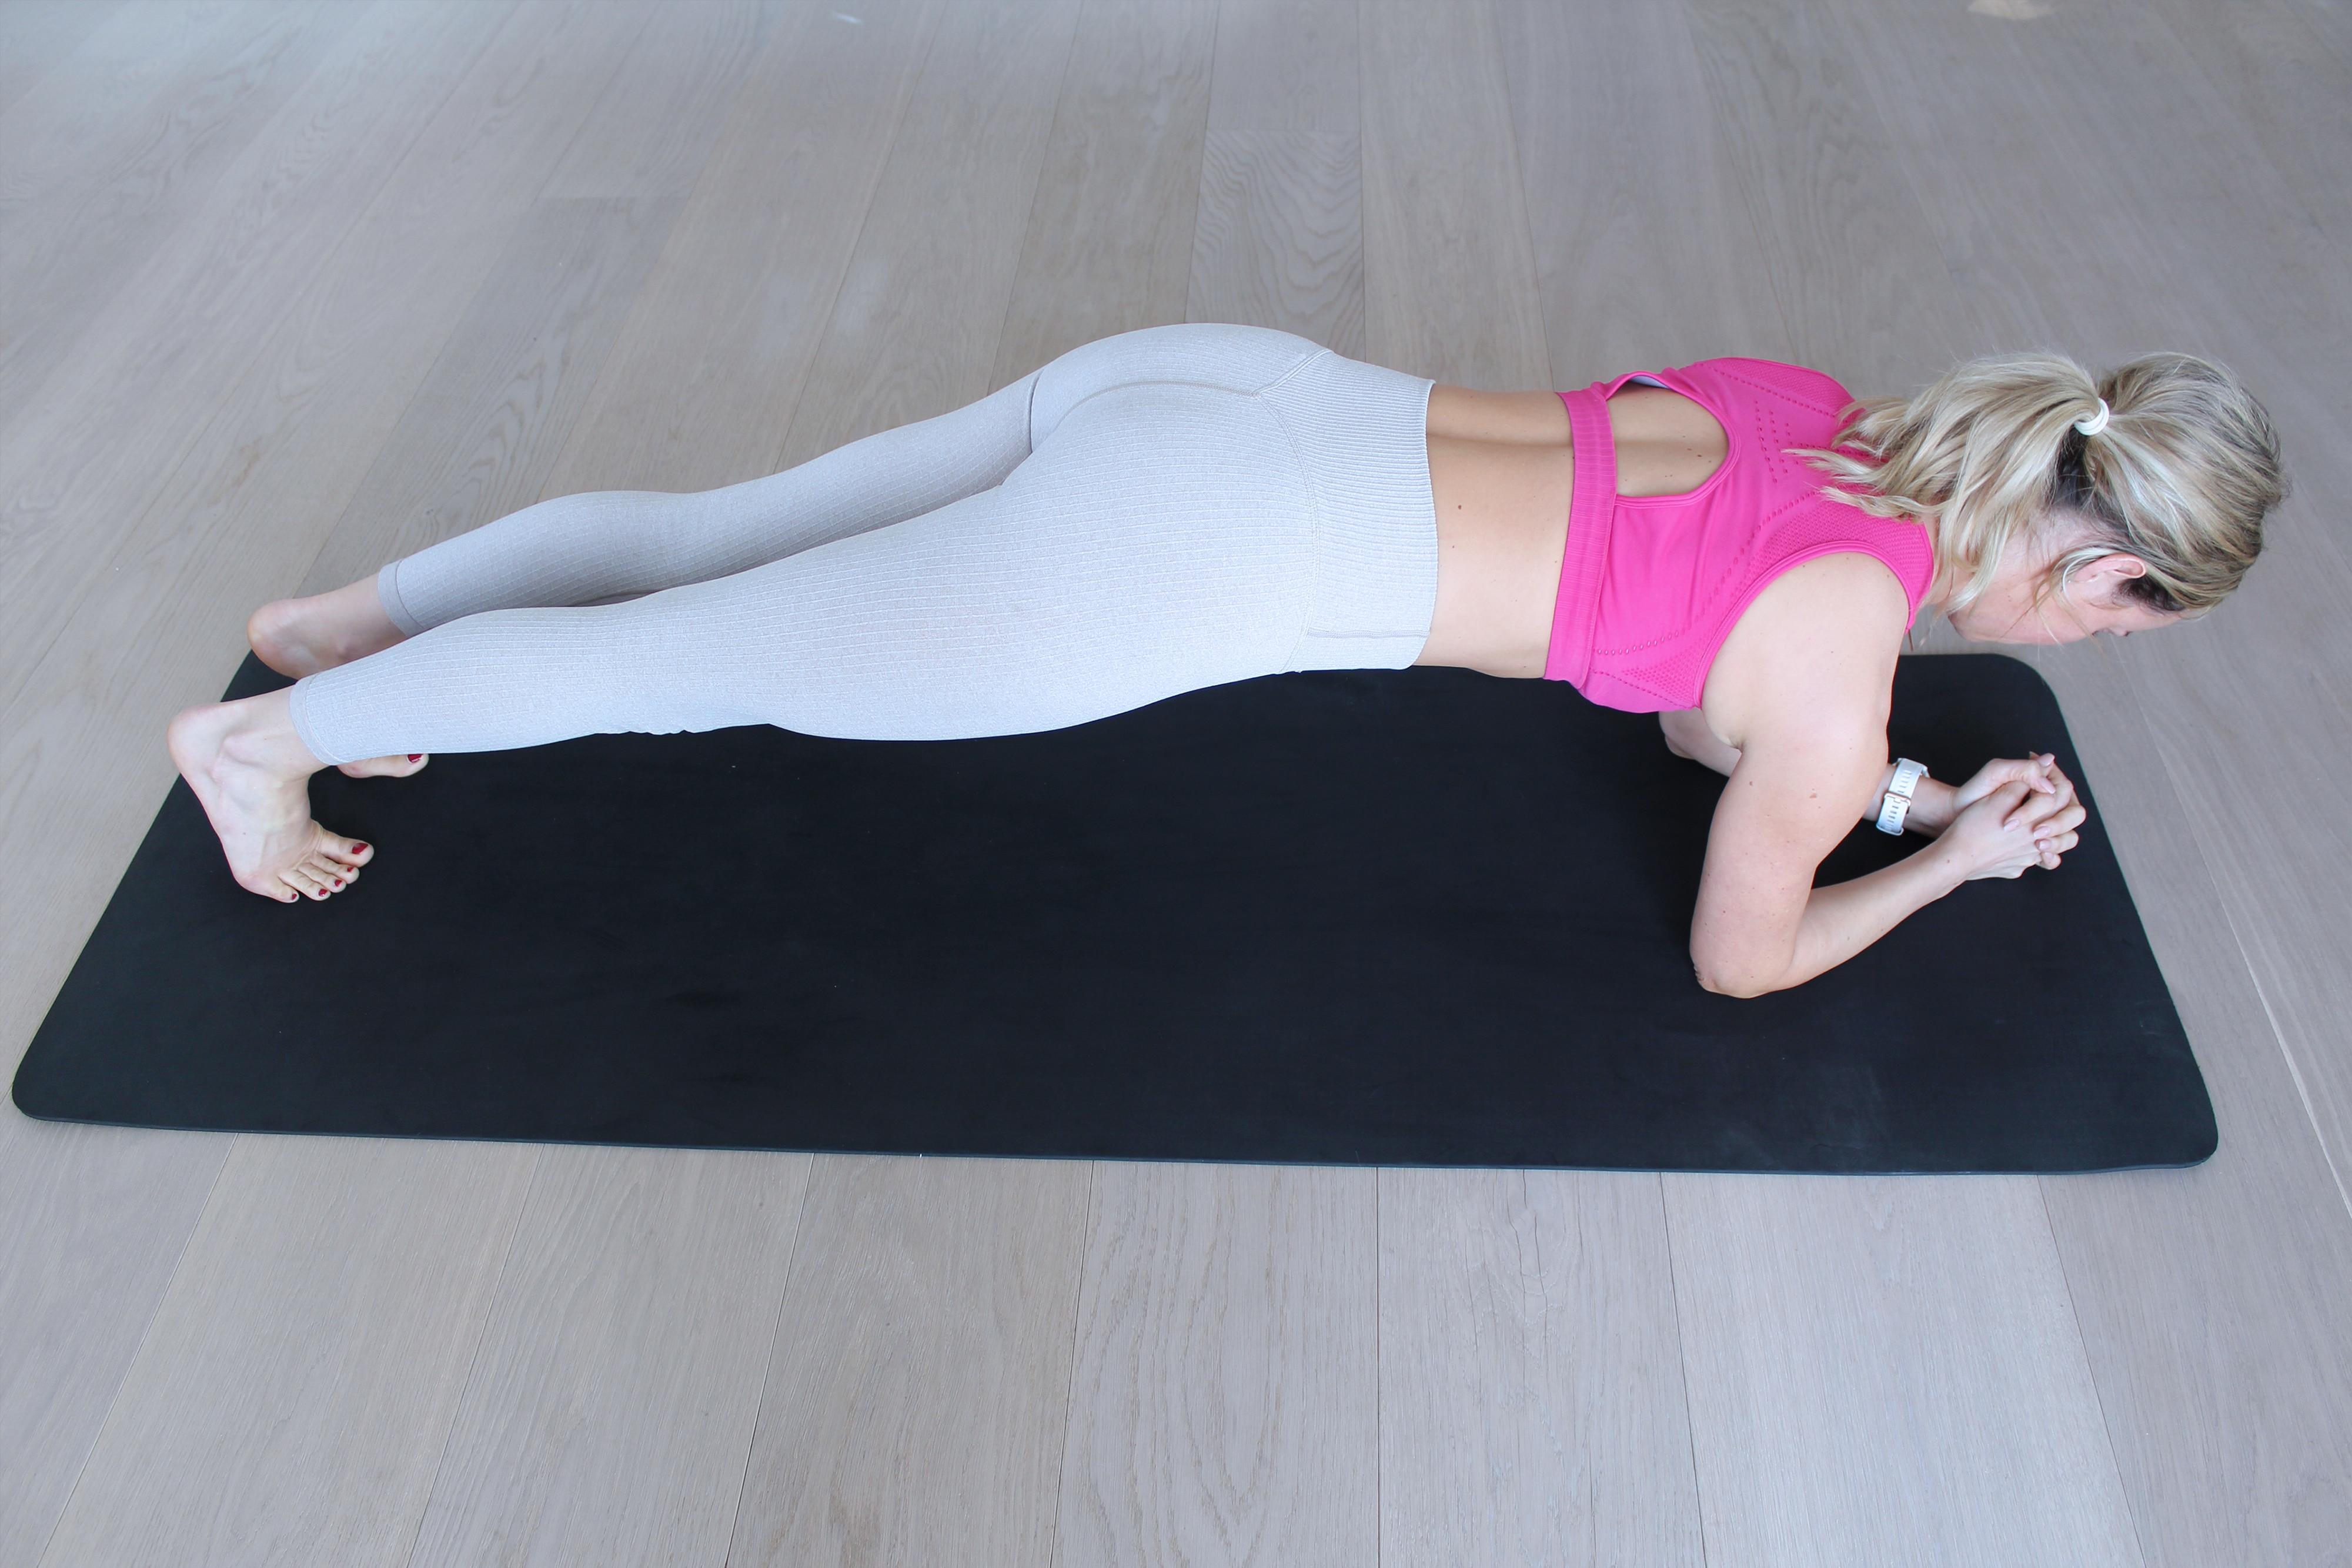 Bauch Übungen City Outlet Blog menafit Low Plank